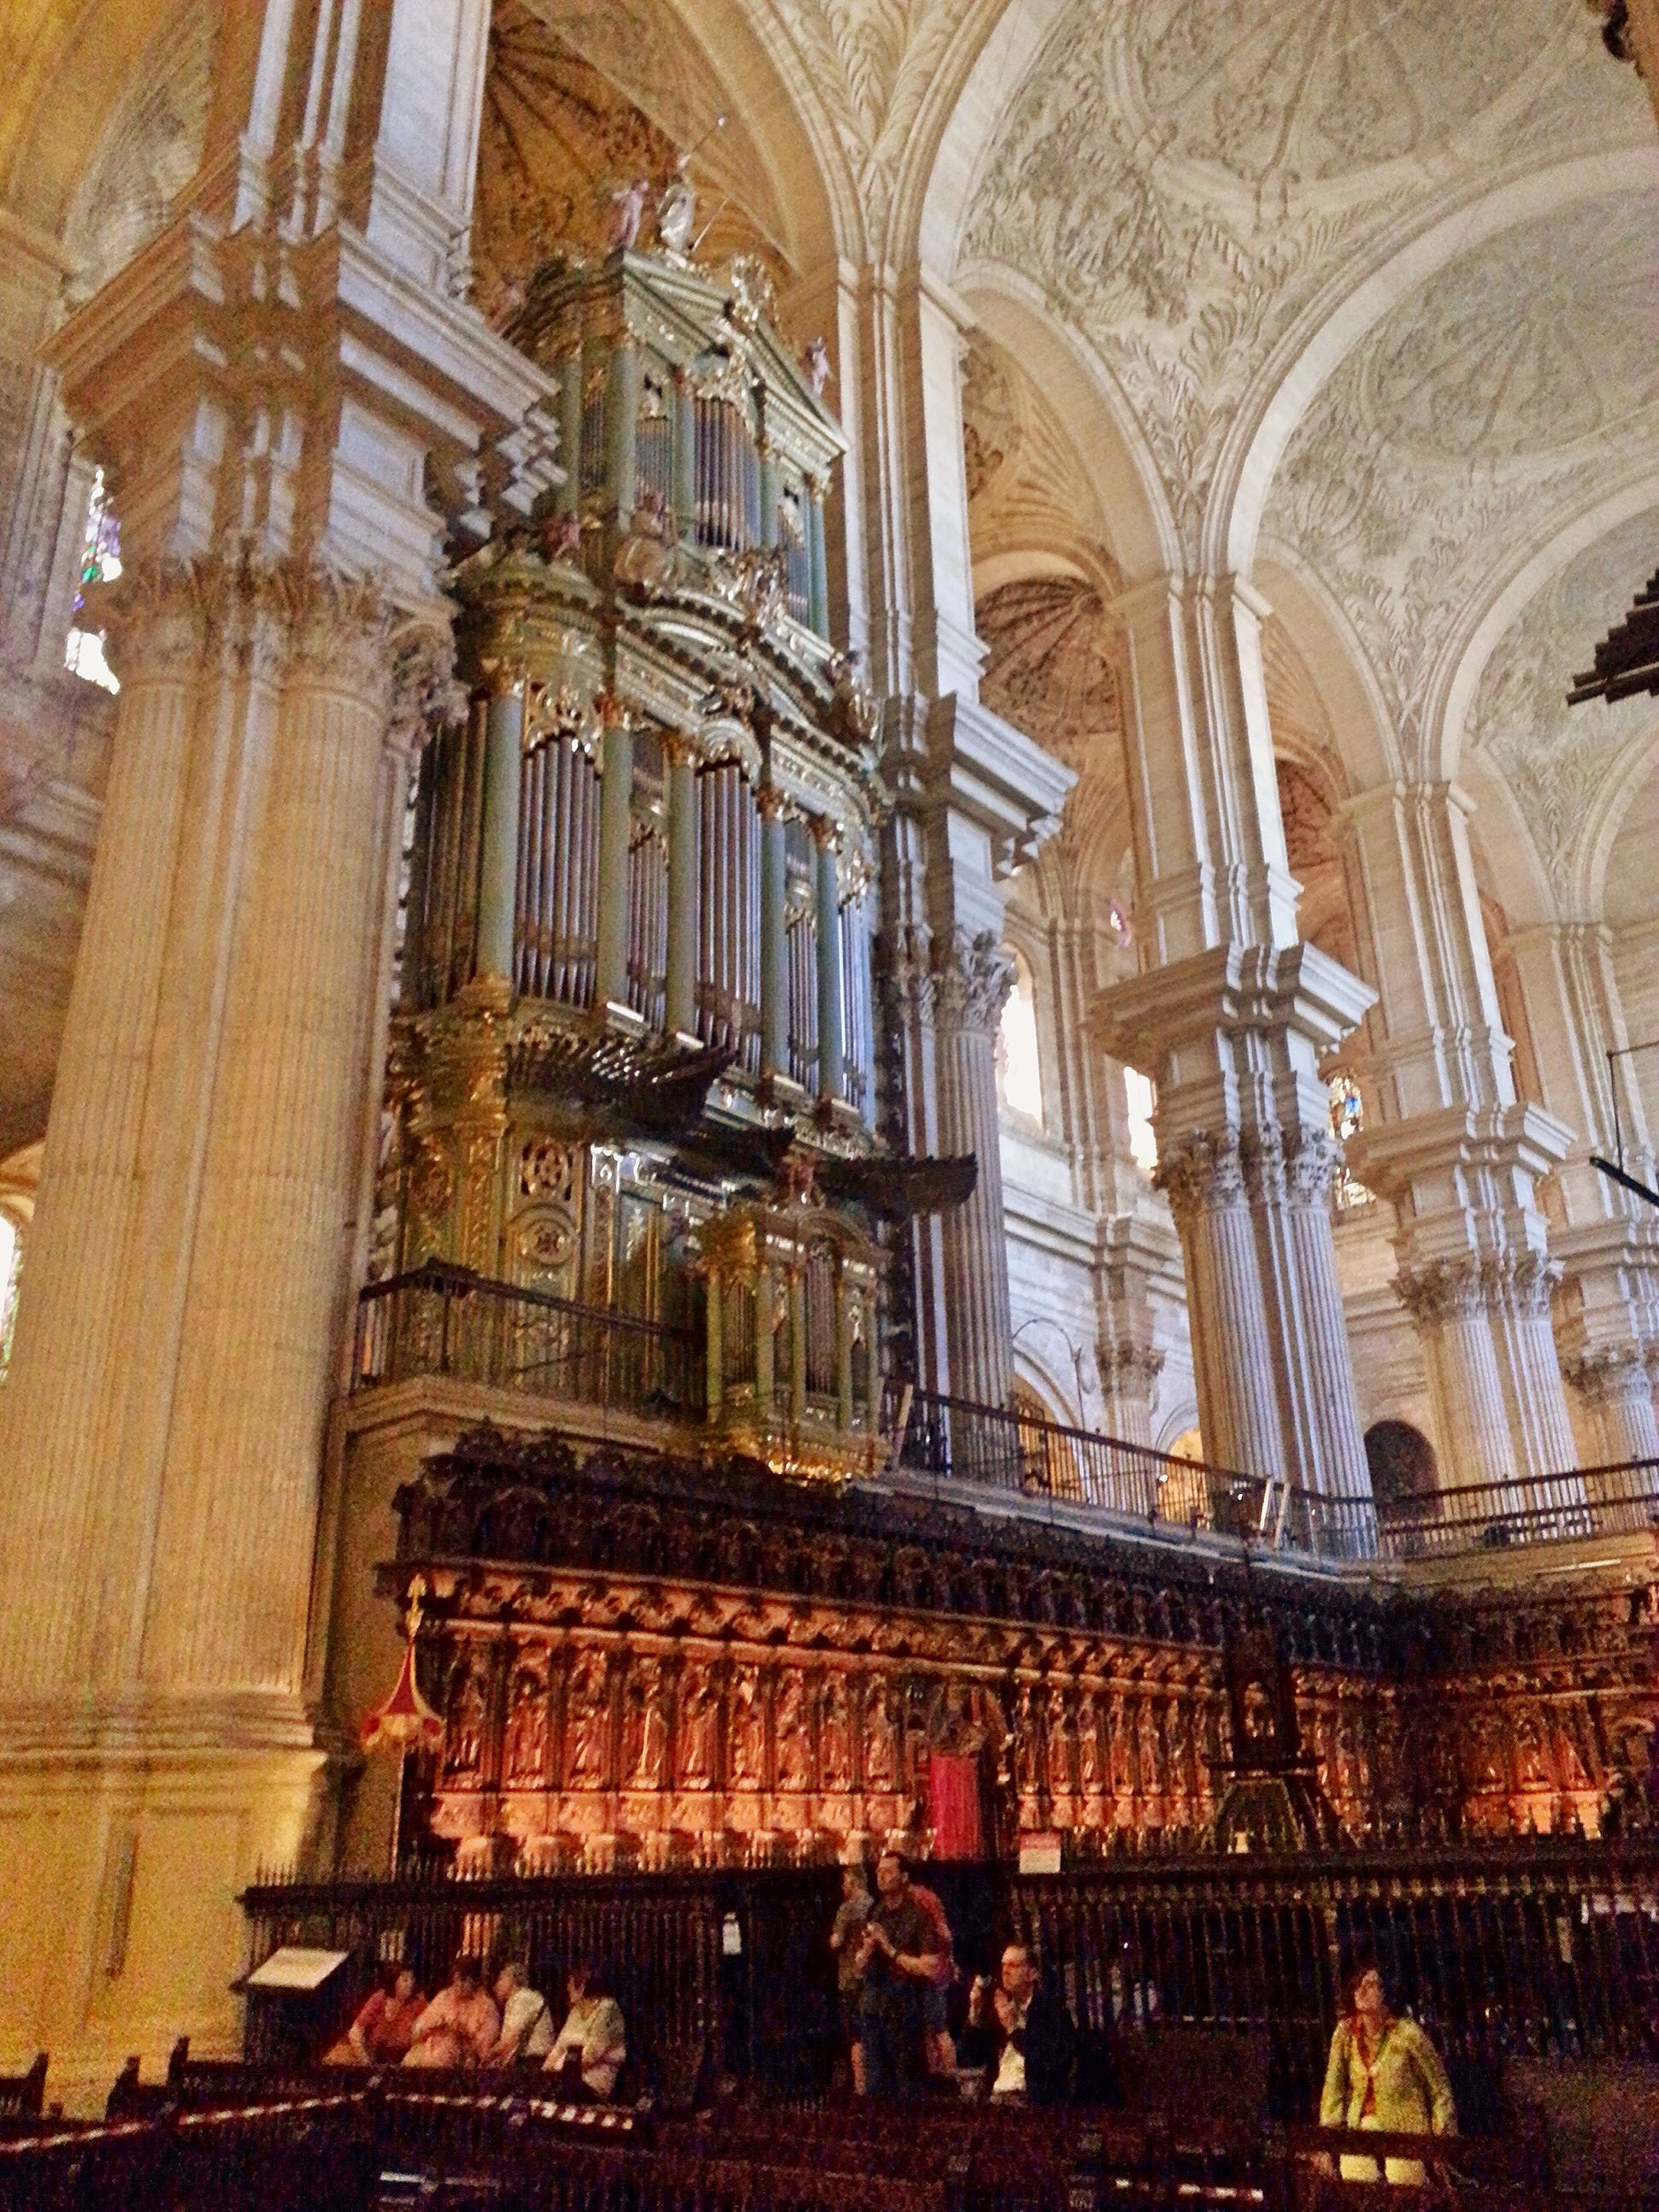 Organo de la catedral de m laga espa a la caja fue - Arquitectos interioristas malaga ...